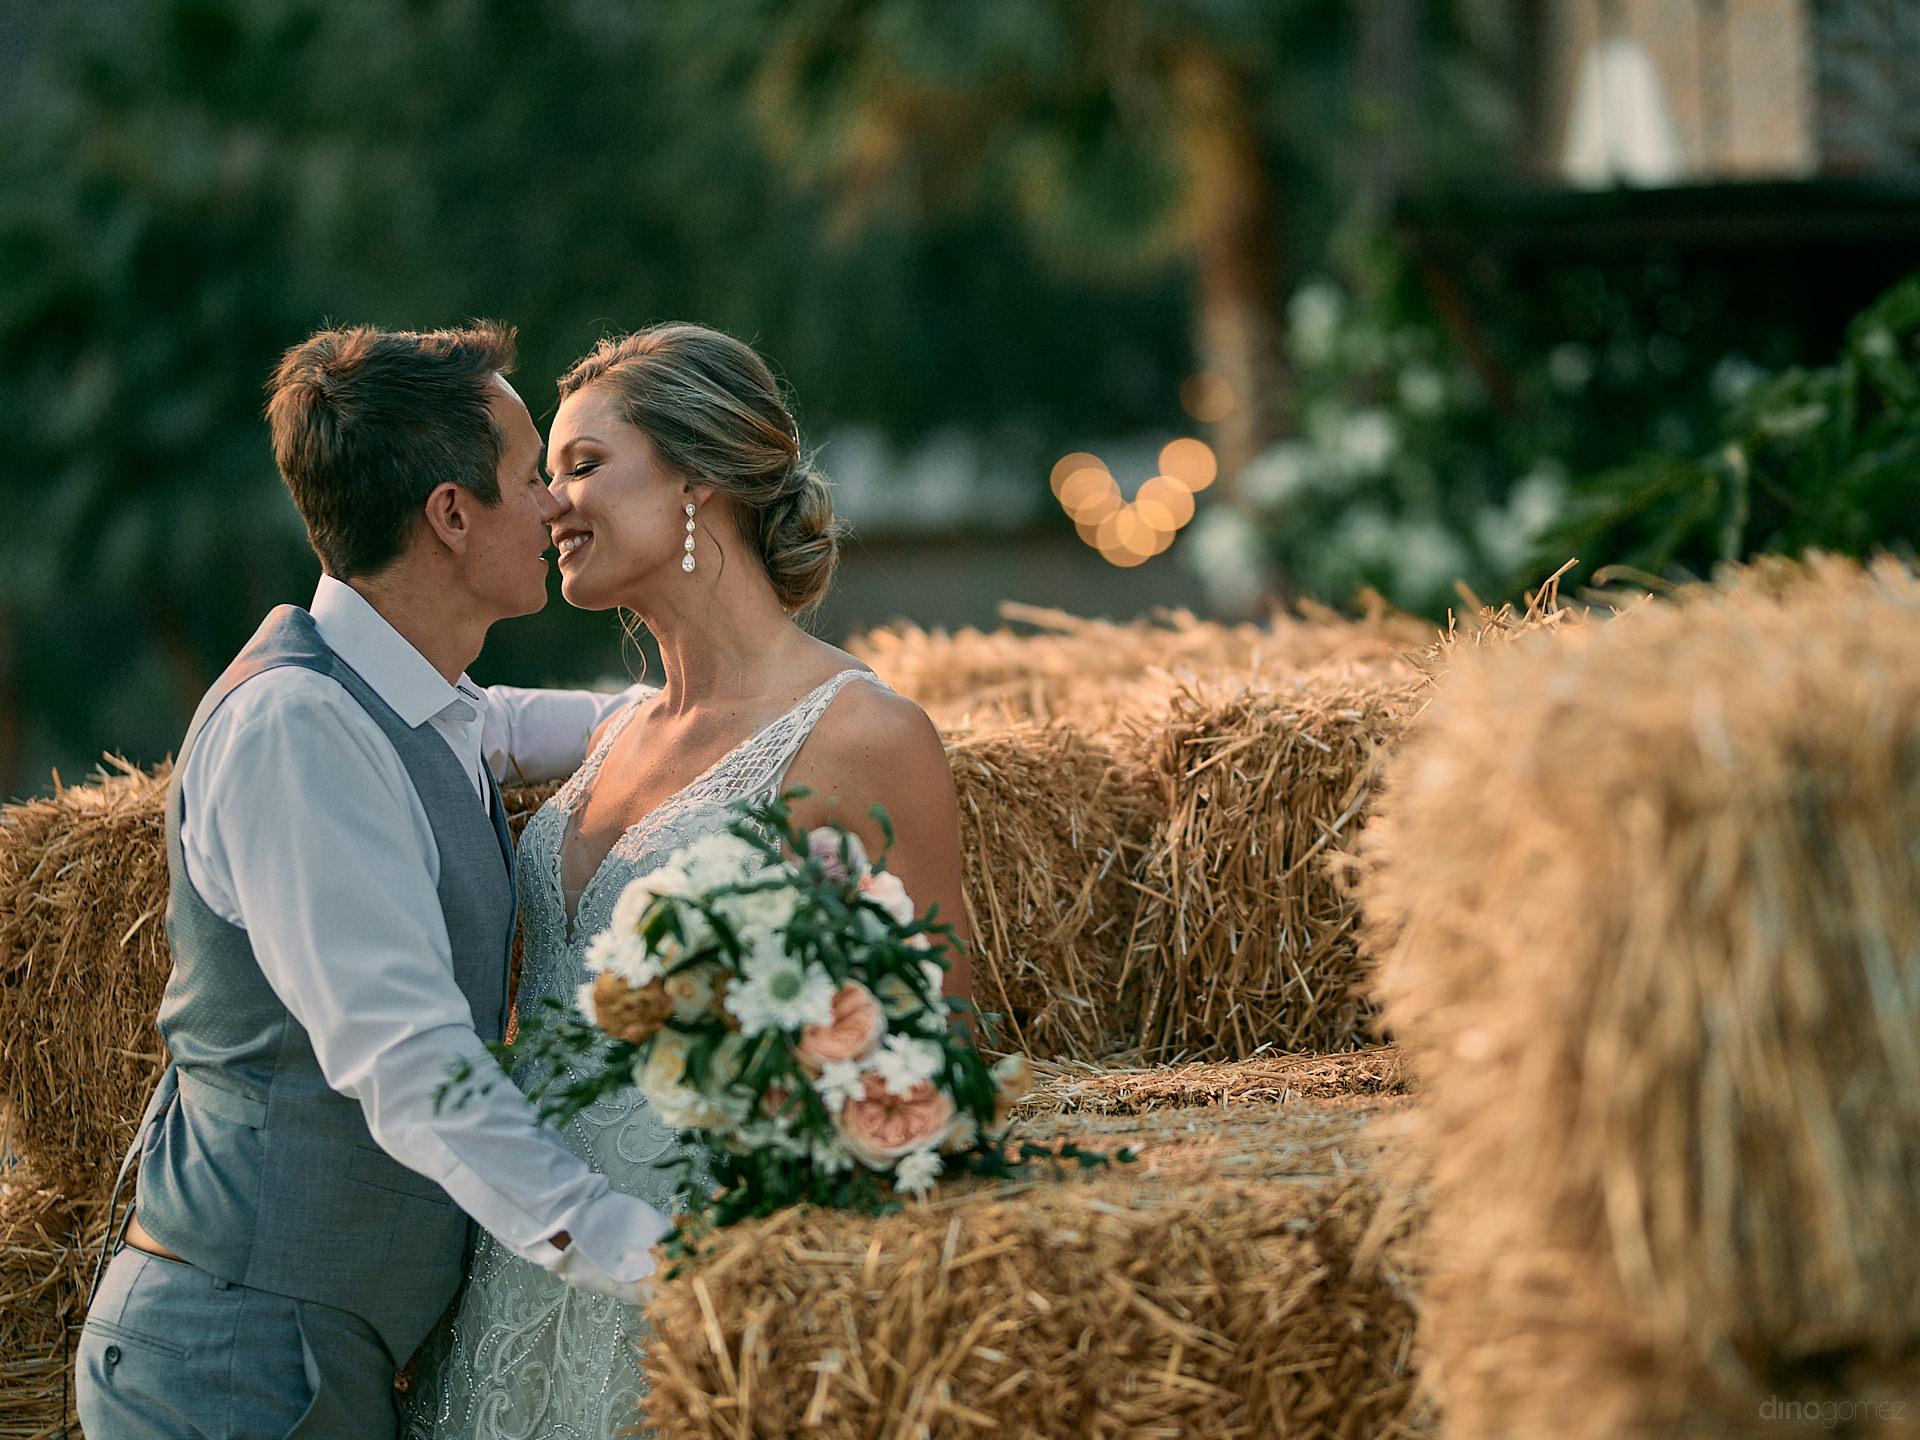 Planning A Destination Wedding? Let Me Help You Capture Your Memories